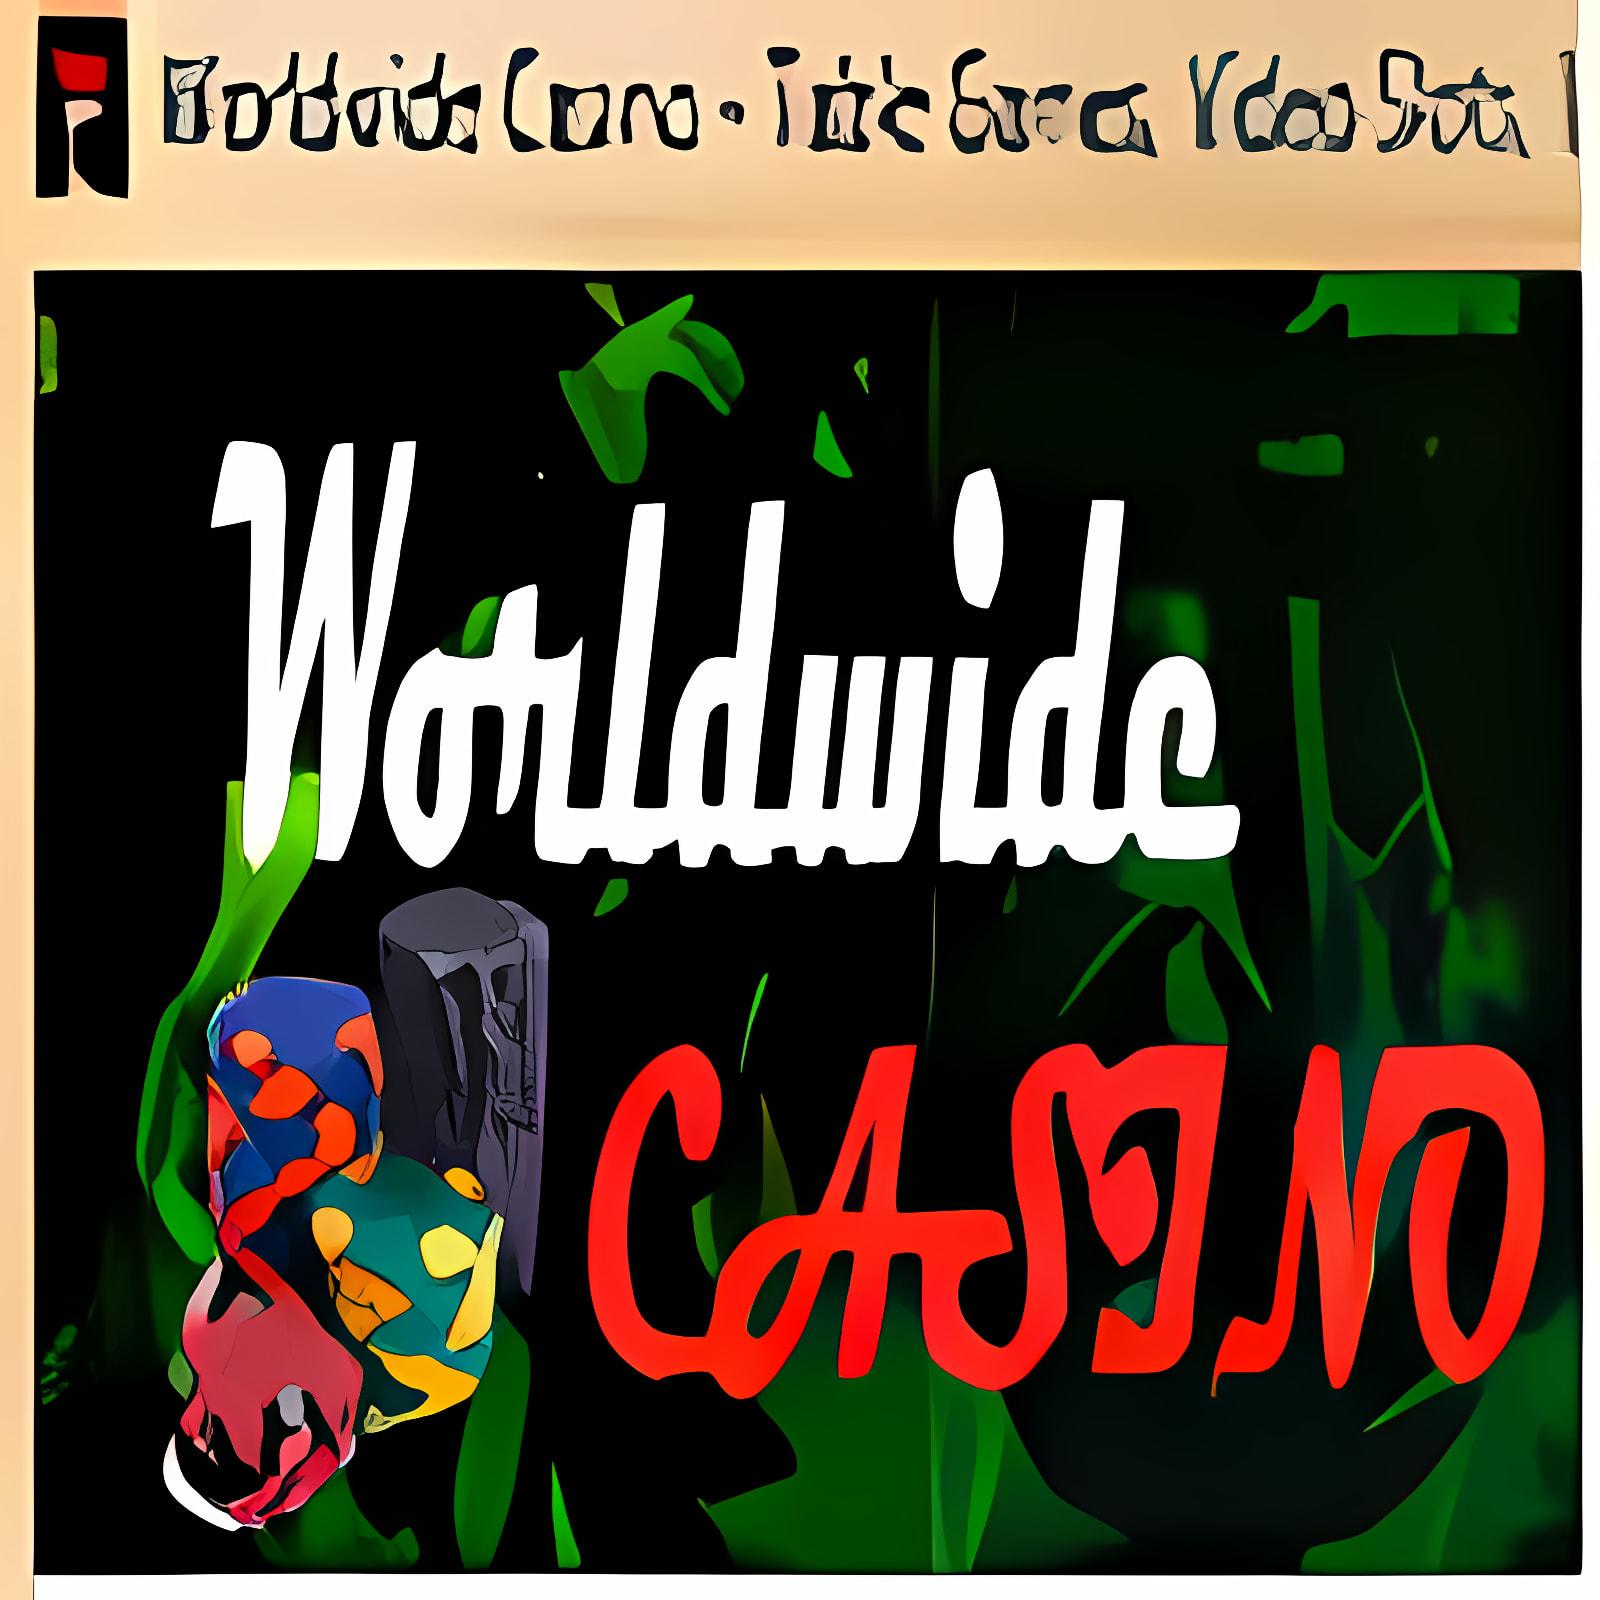 Worldwide Casino